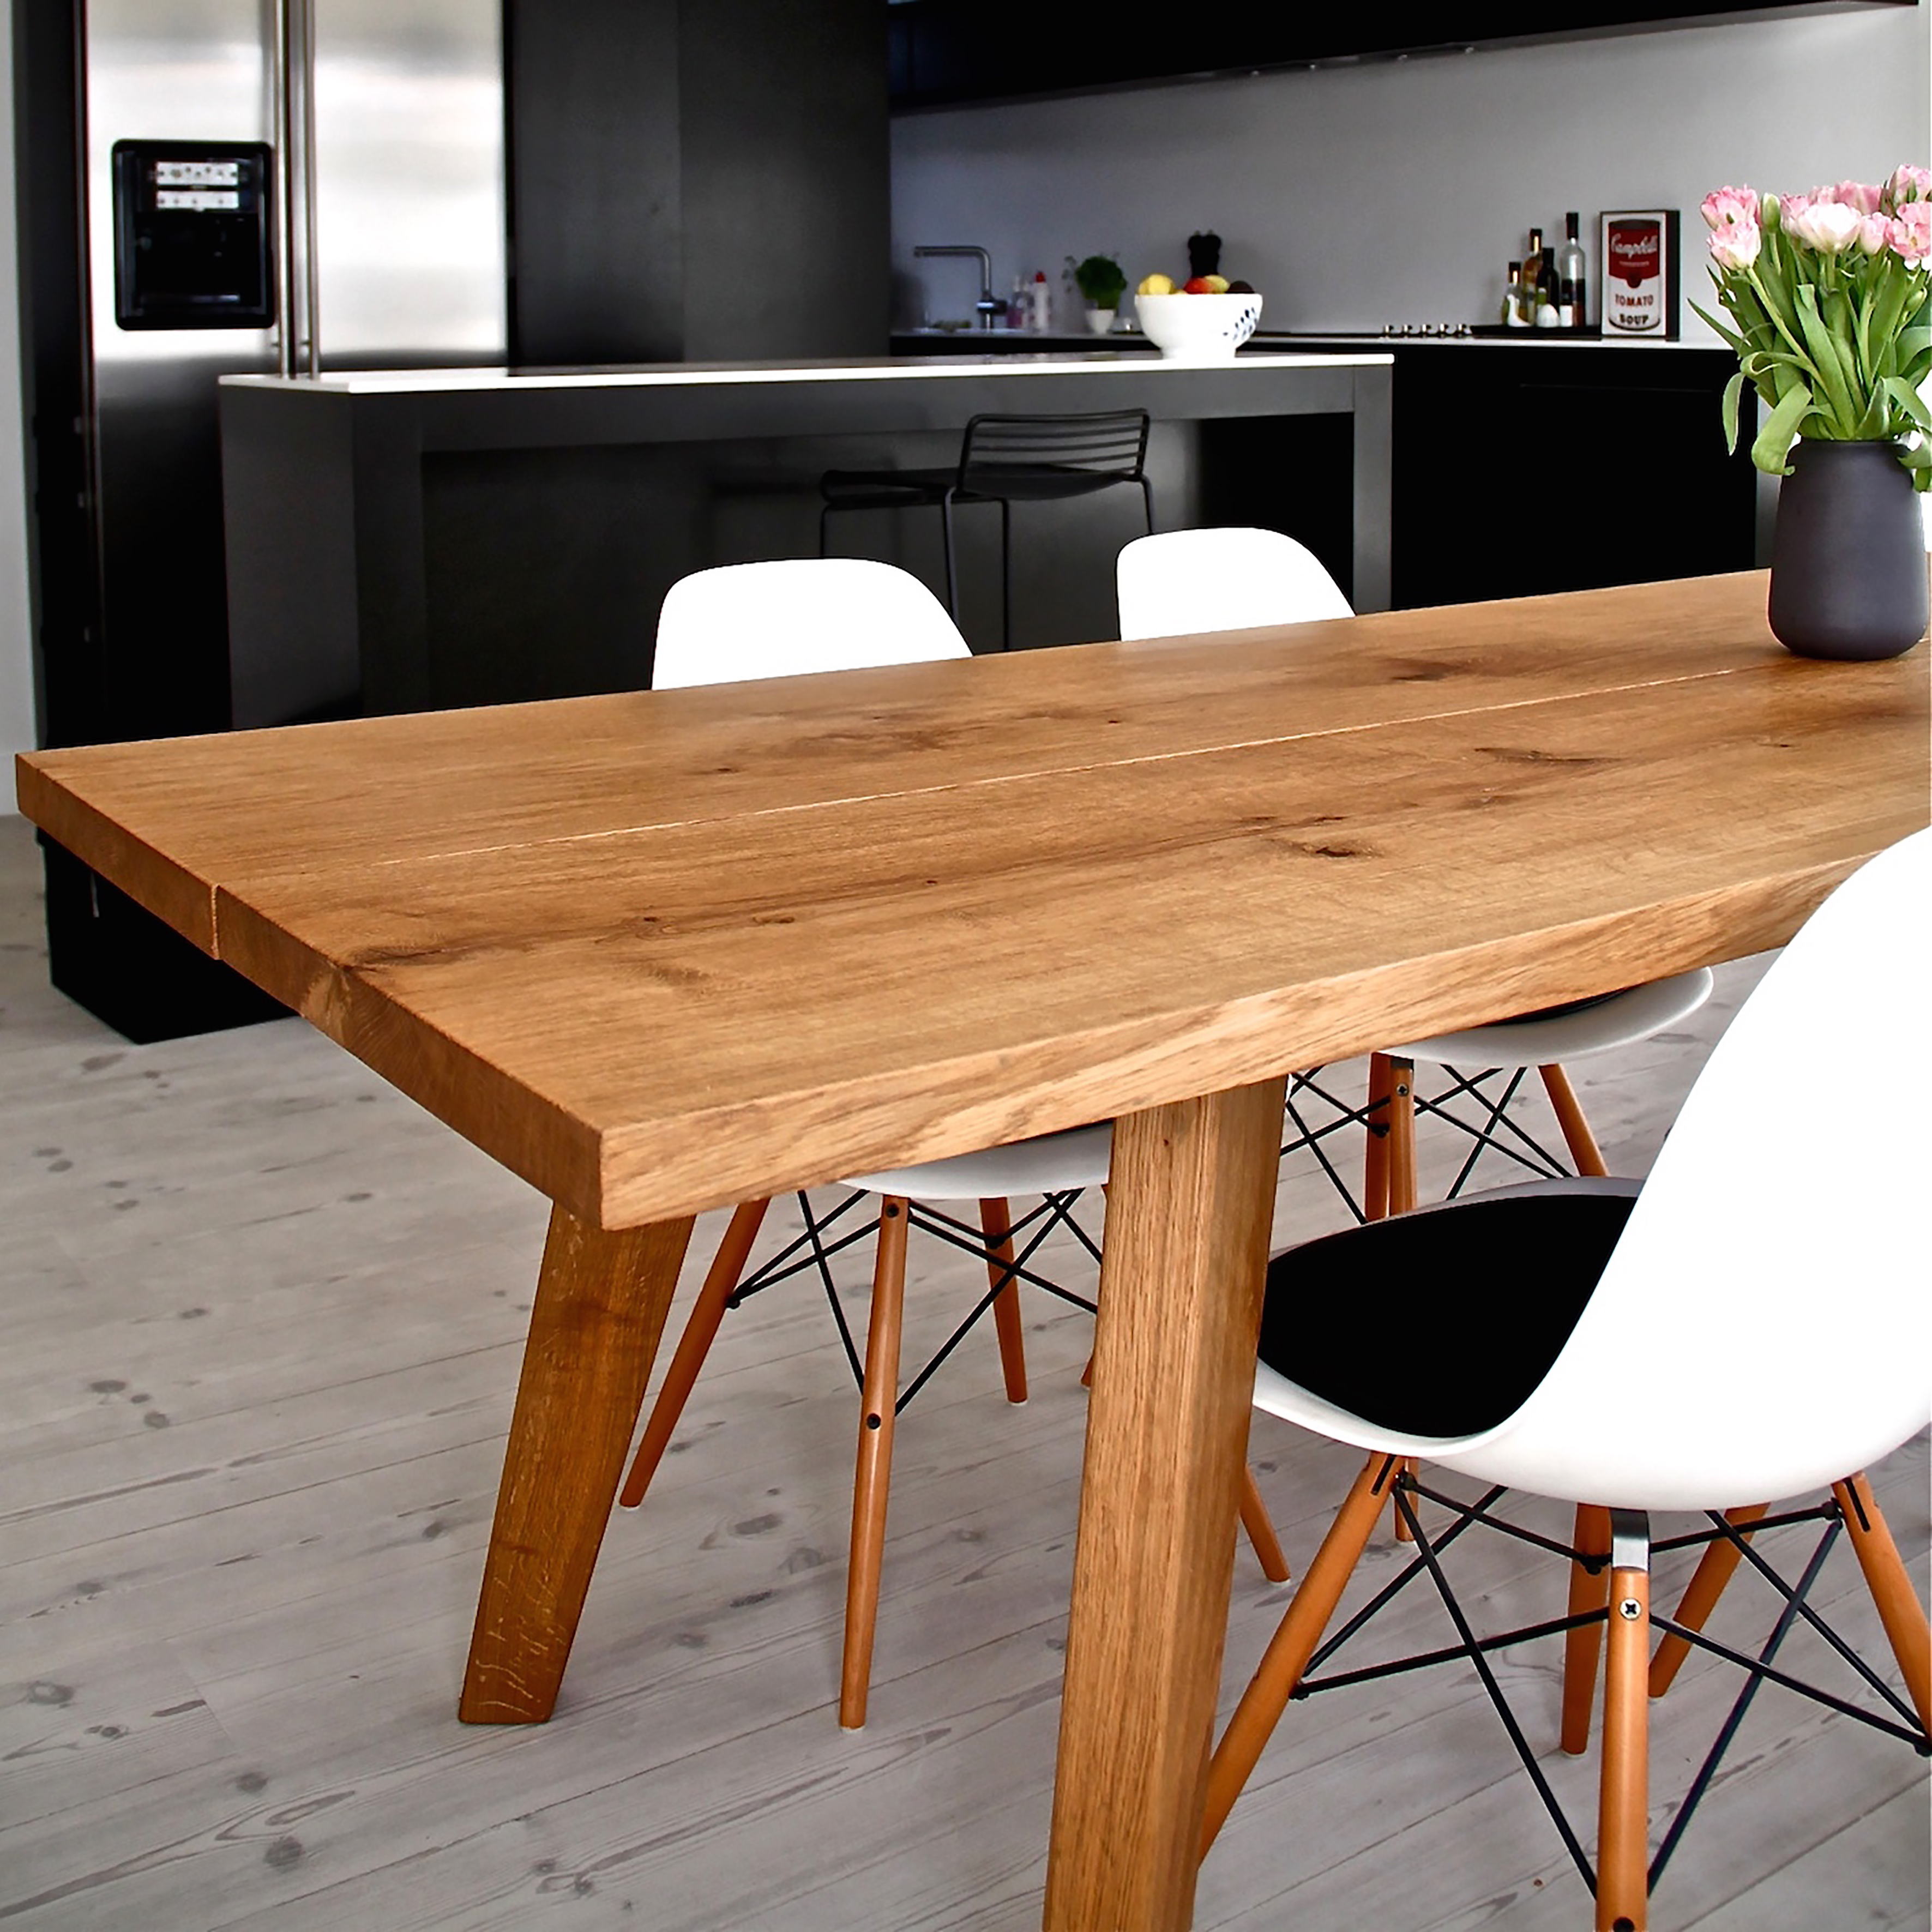 Nytt Spisebord | Designer Planke spiseborde i bl.a. massiv Eg | Mann Design BO-87